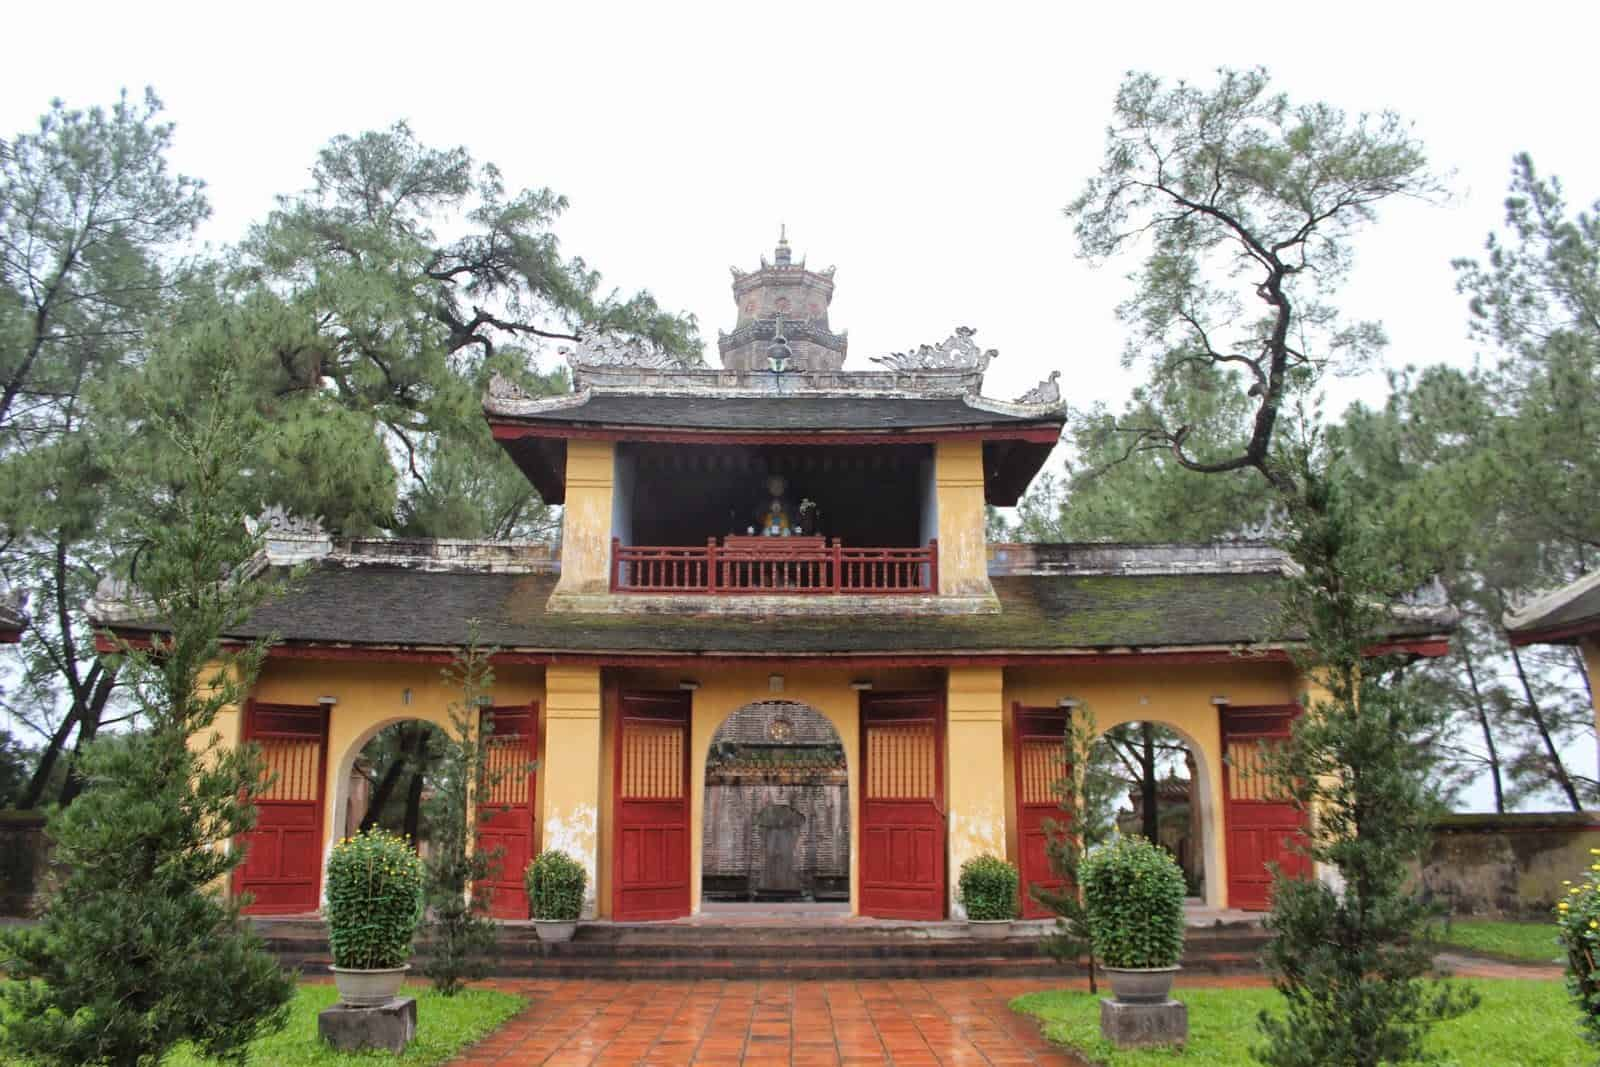 Cánh Cổng Tam Quan Chùa Thiên Mụ Huế